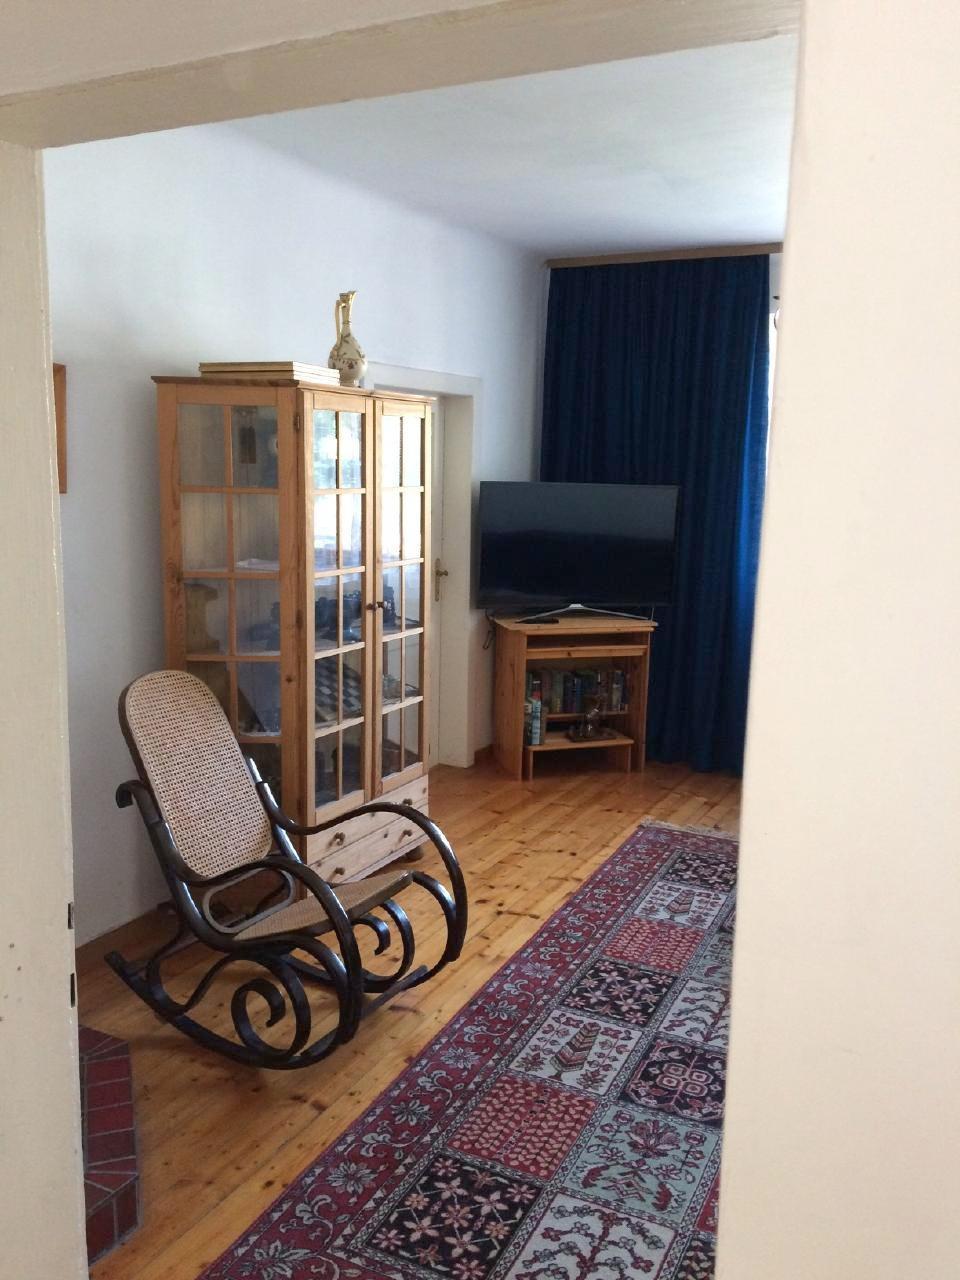 Maison de vacances Hauskirchen 30 Minuten vor Wien (2423579), Hauskirchen, Weinviertel, Basse Autriche, Autriche, image 19